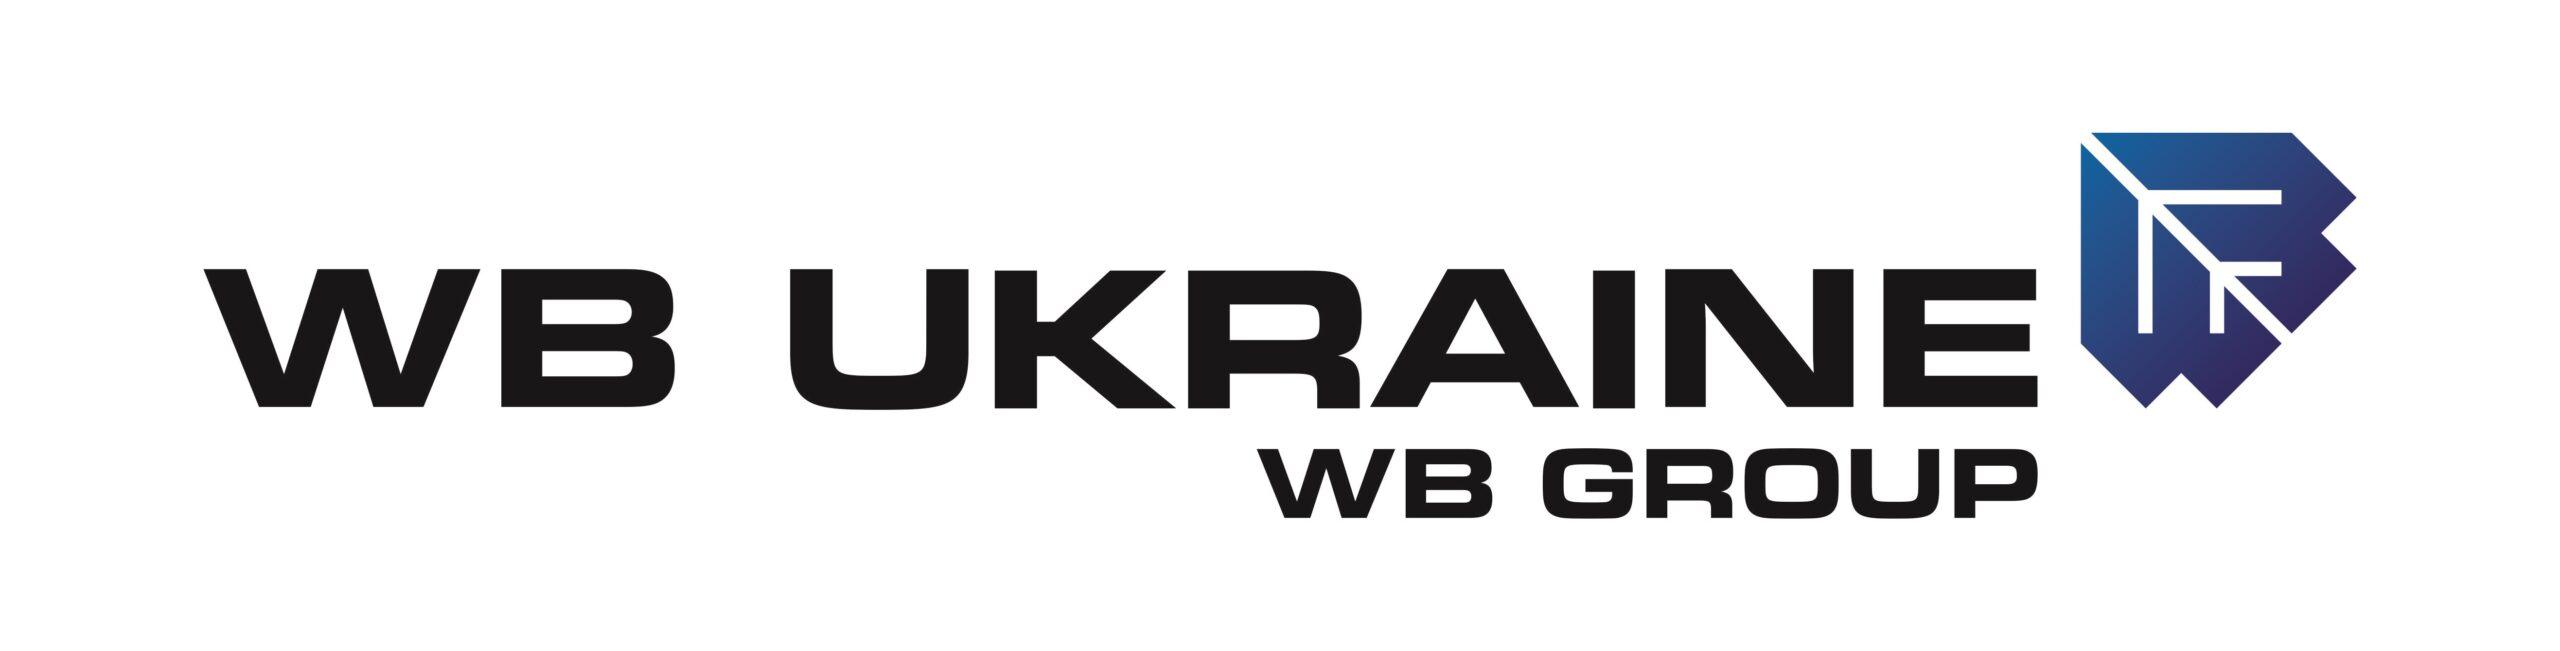 WB UKRAINE